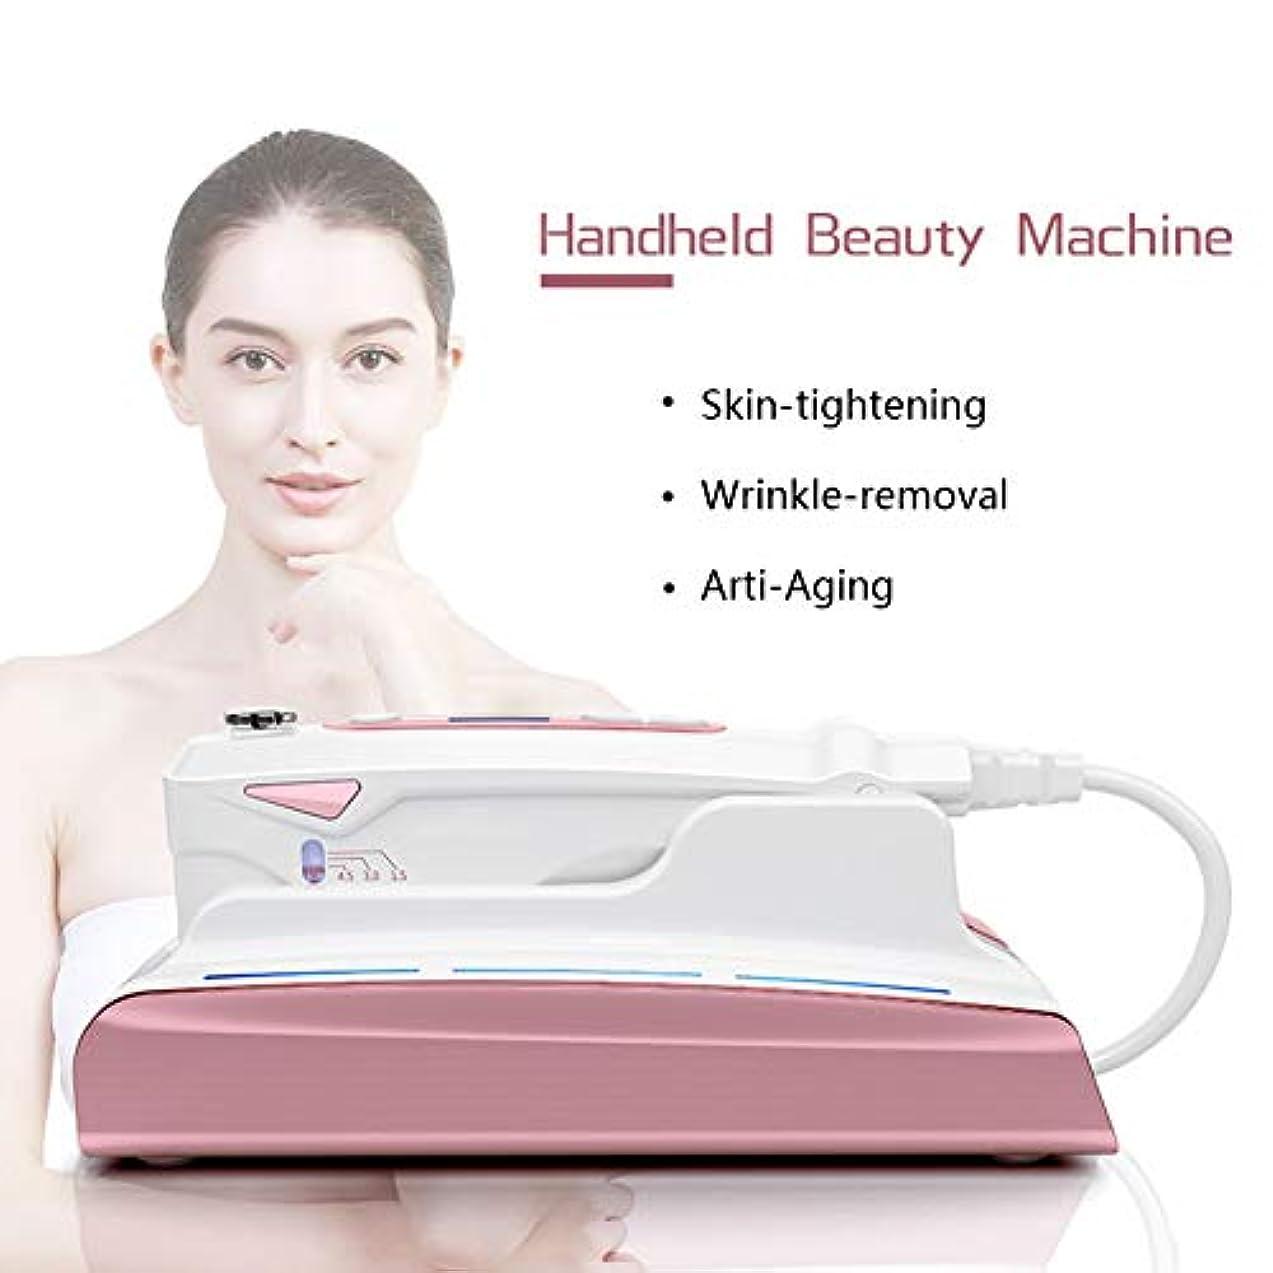 季節寄付する部分的にひふ 3 in 1 顔の肌の引き締め 美容機 と 3つの深さ、 しわの除去 顔の美白 老化防止 ハンドヘルド スキンケア フェイスリフティング 端末